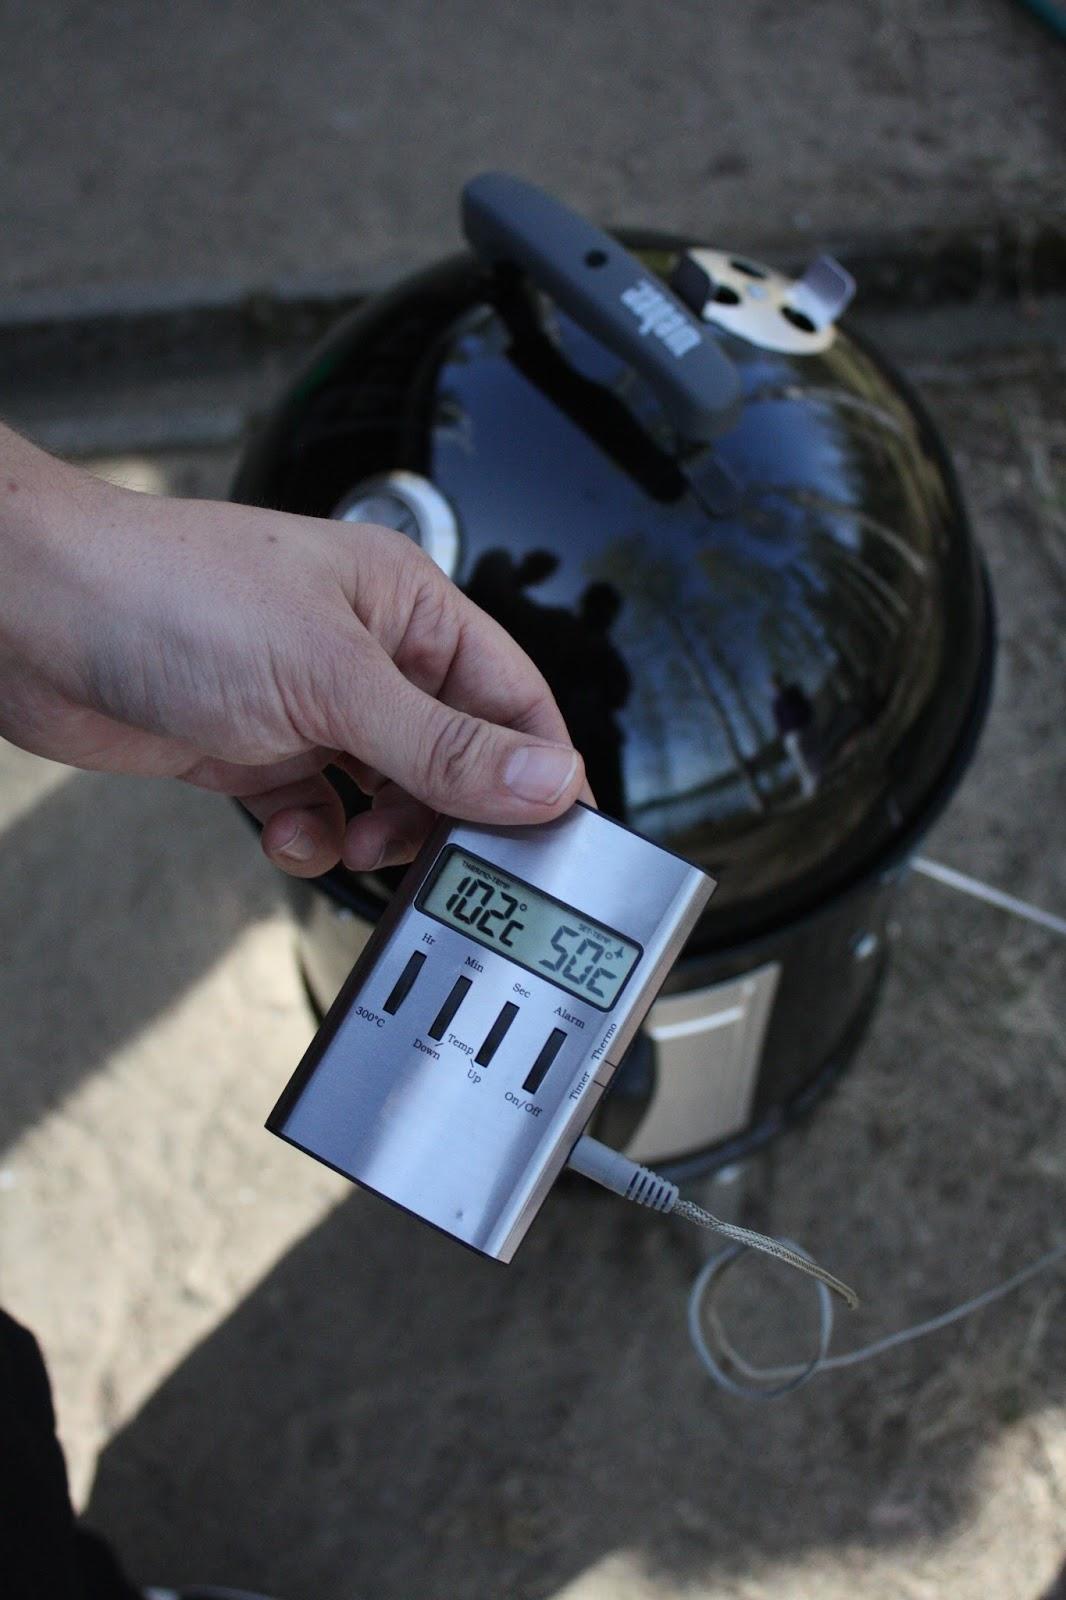 smokey mountain weber ribsit savustus savustaminen ribs grillaaminen grillaus slowfood slowcooking epäsuoragrillaus